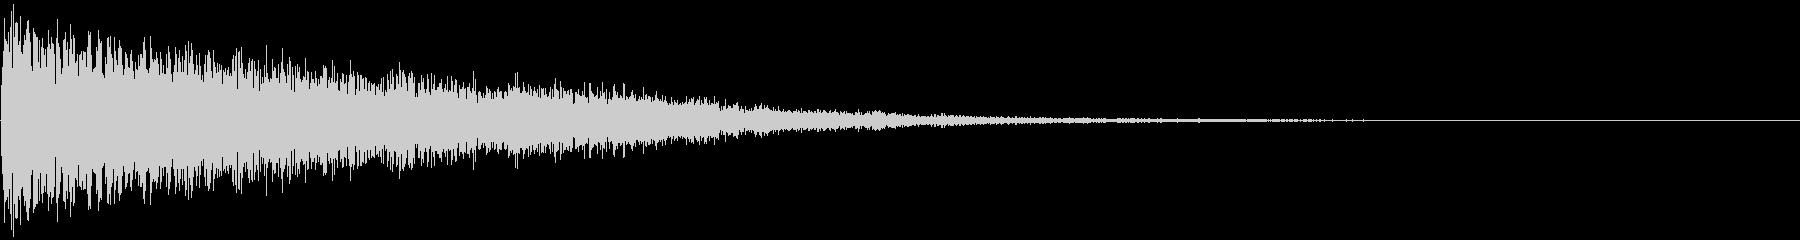 【ゲーム演出】SFX_11 ブーンッ・・の未再生の波形